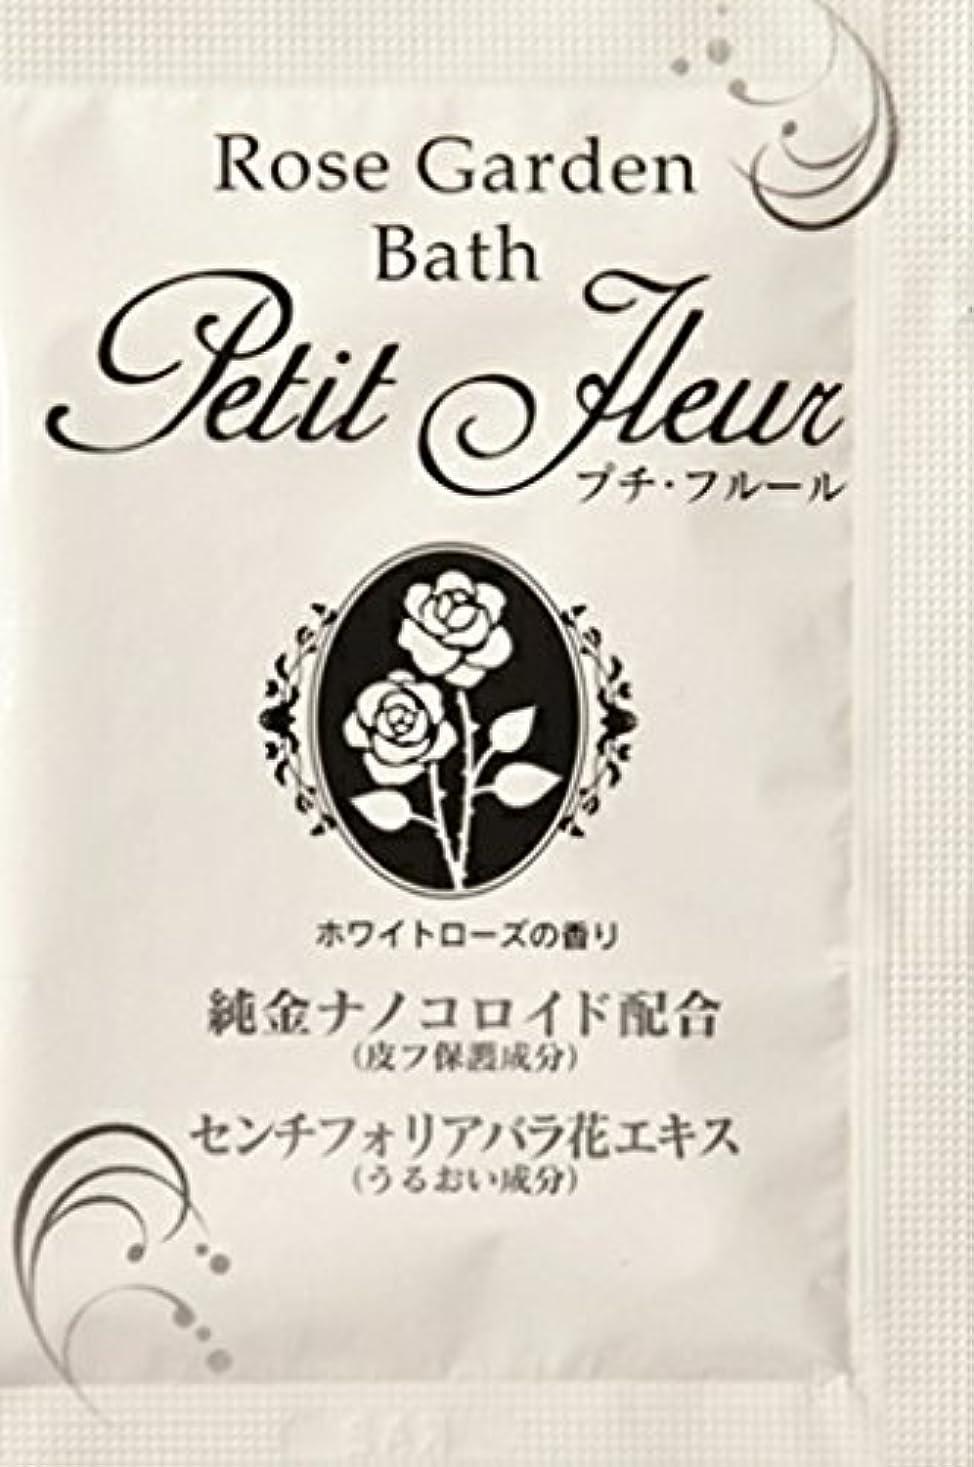 打たれたトラック奴隷その結果入浴剤 プチフル-ル(ホワイトロ-ズの香り)20g